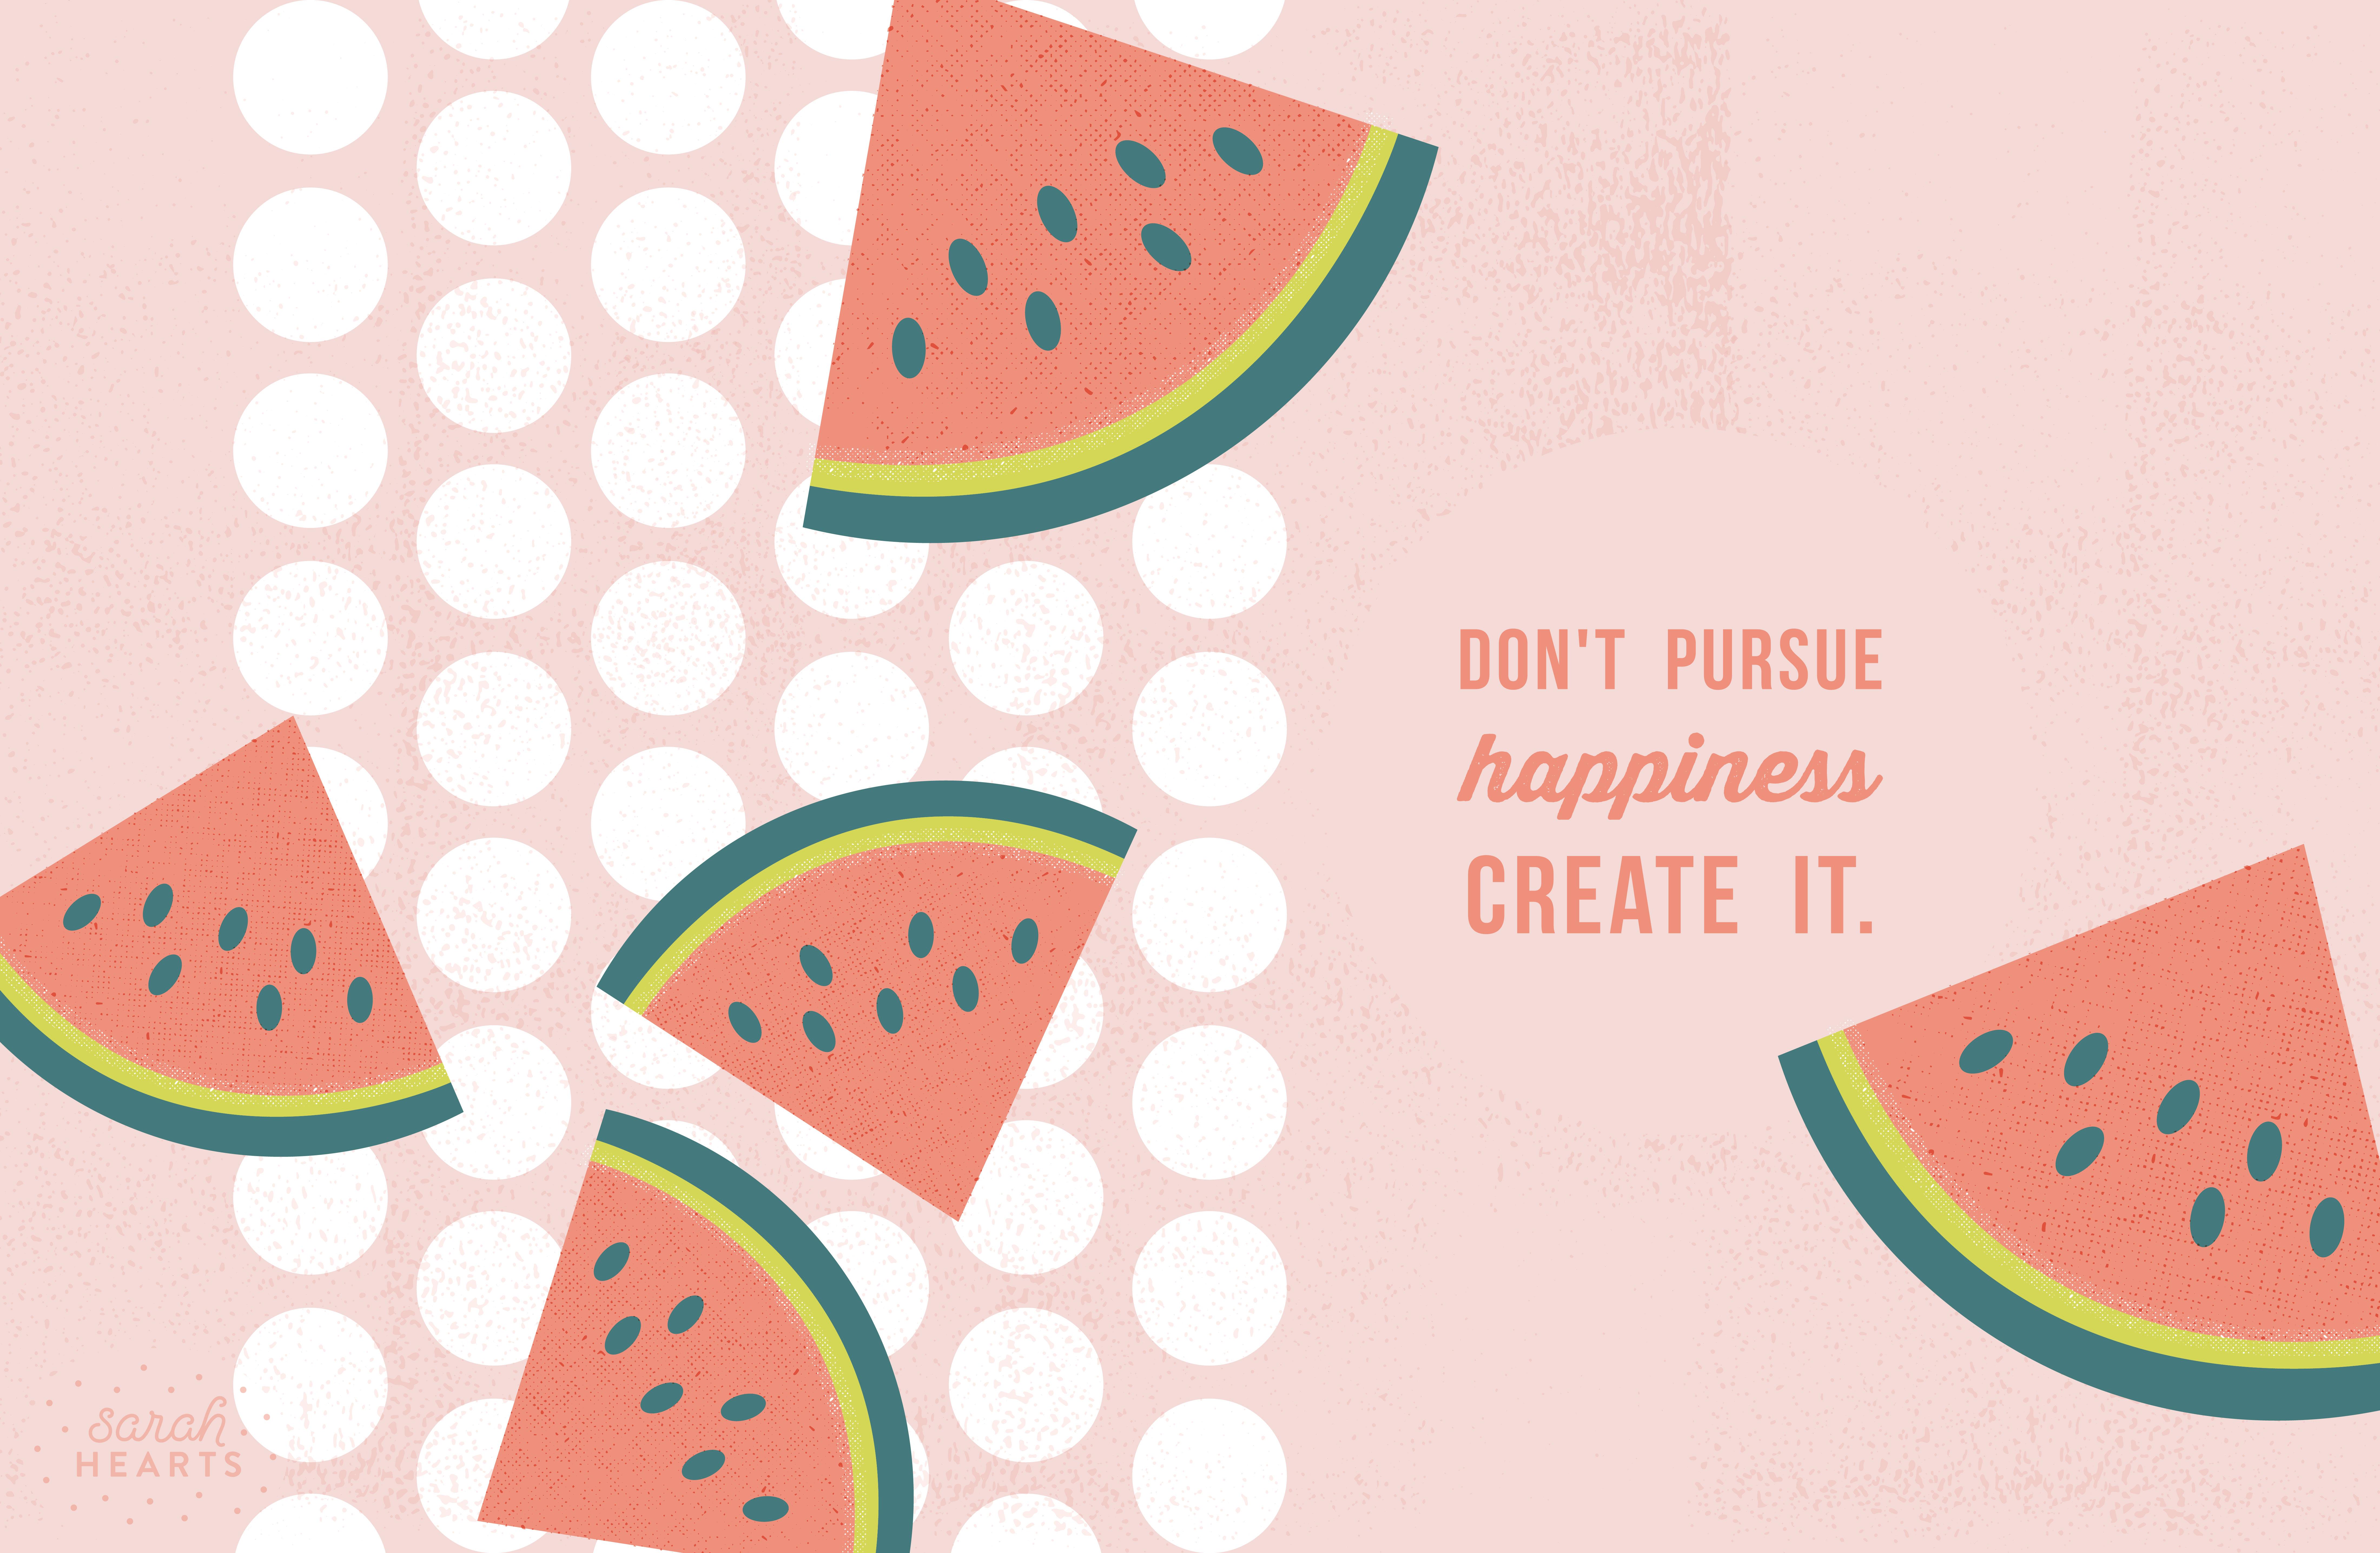 Simple Wallpaper Home Screen Food - june2015_wallpaper_quote_retina_mac  Snapshot_331262.jpg